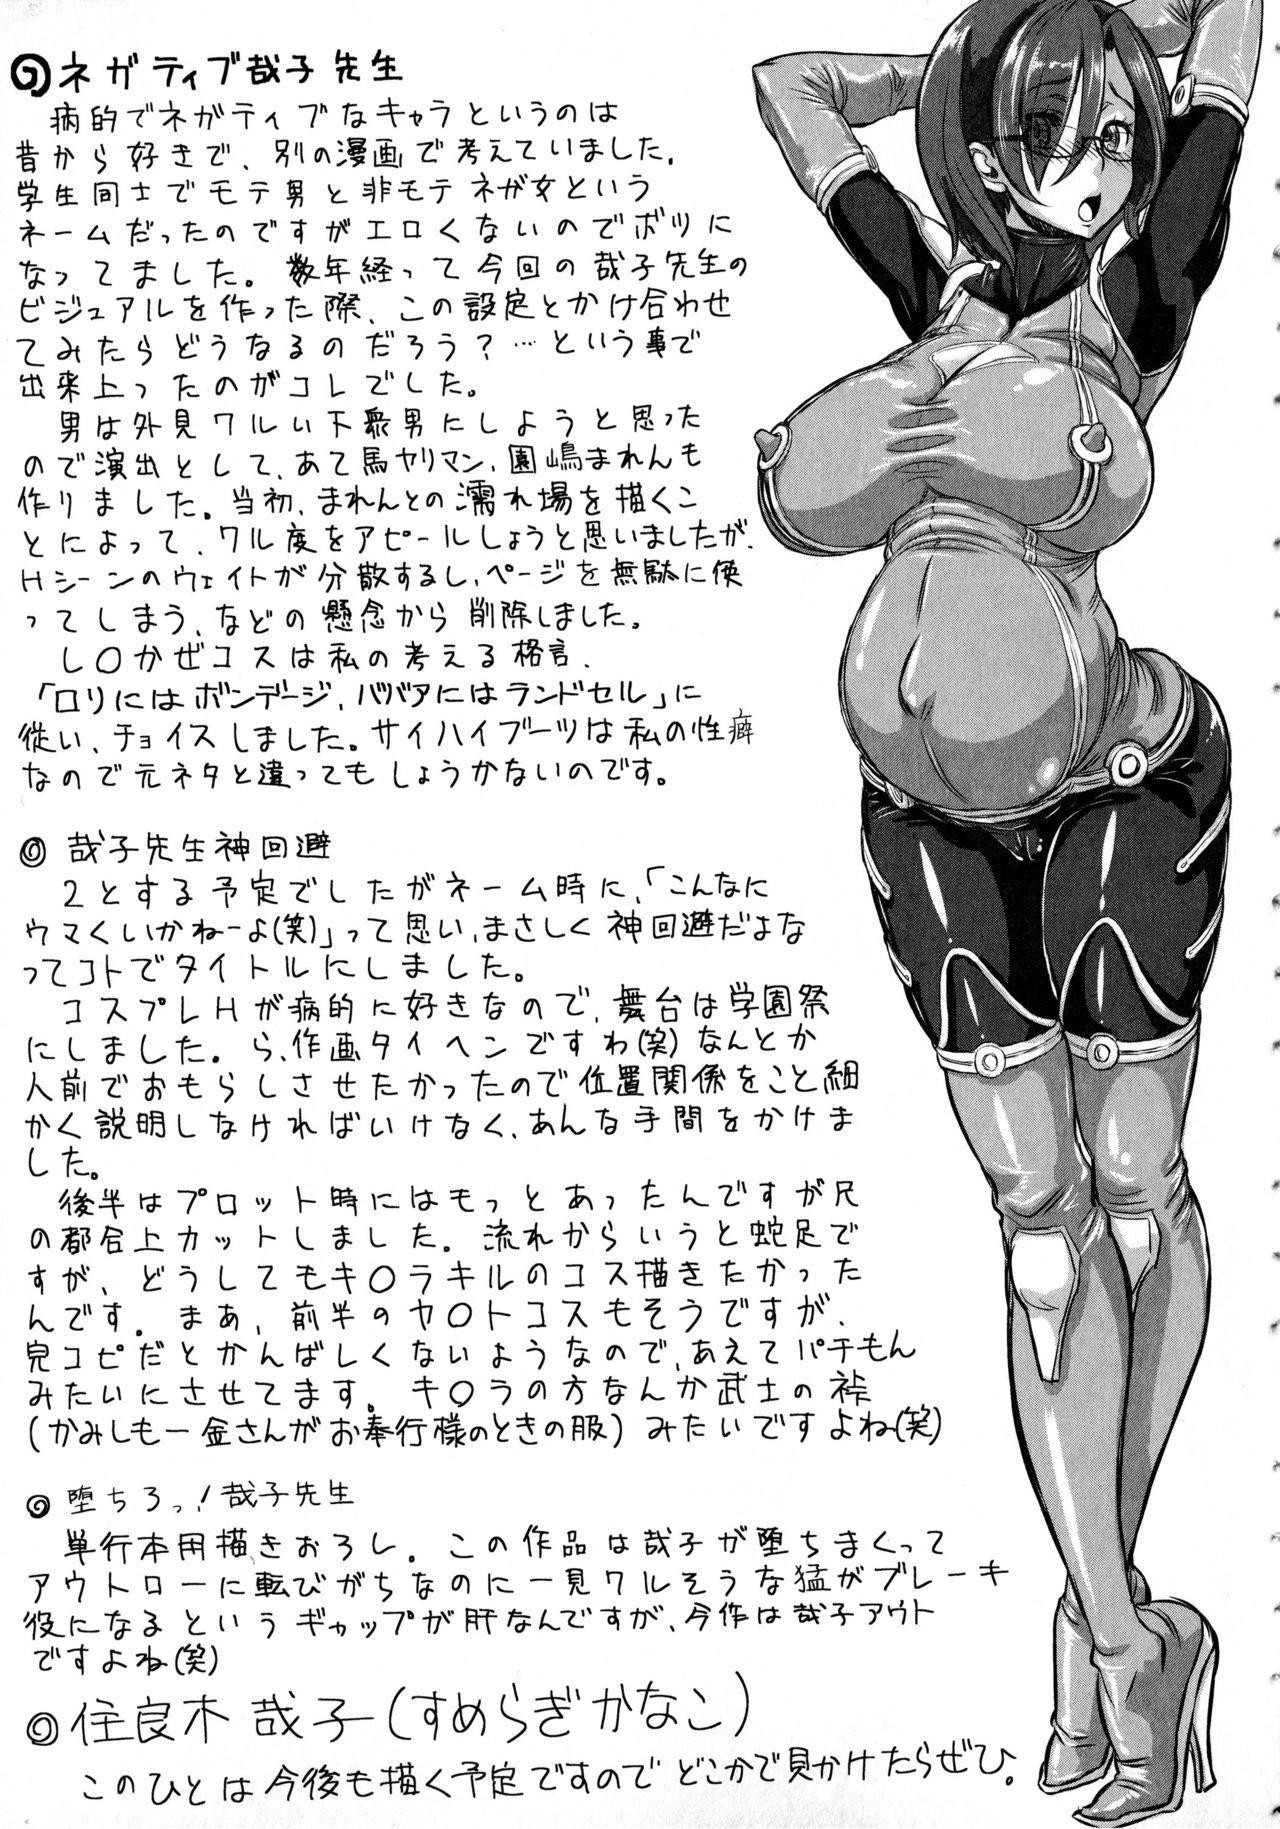 [Minority] Negative Kanako-sensei Ch. 1-3 [English] {Doujins.com} 64